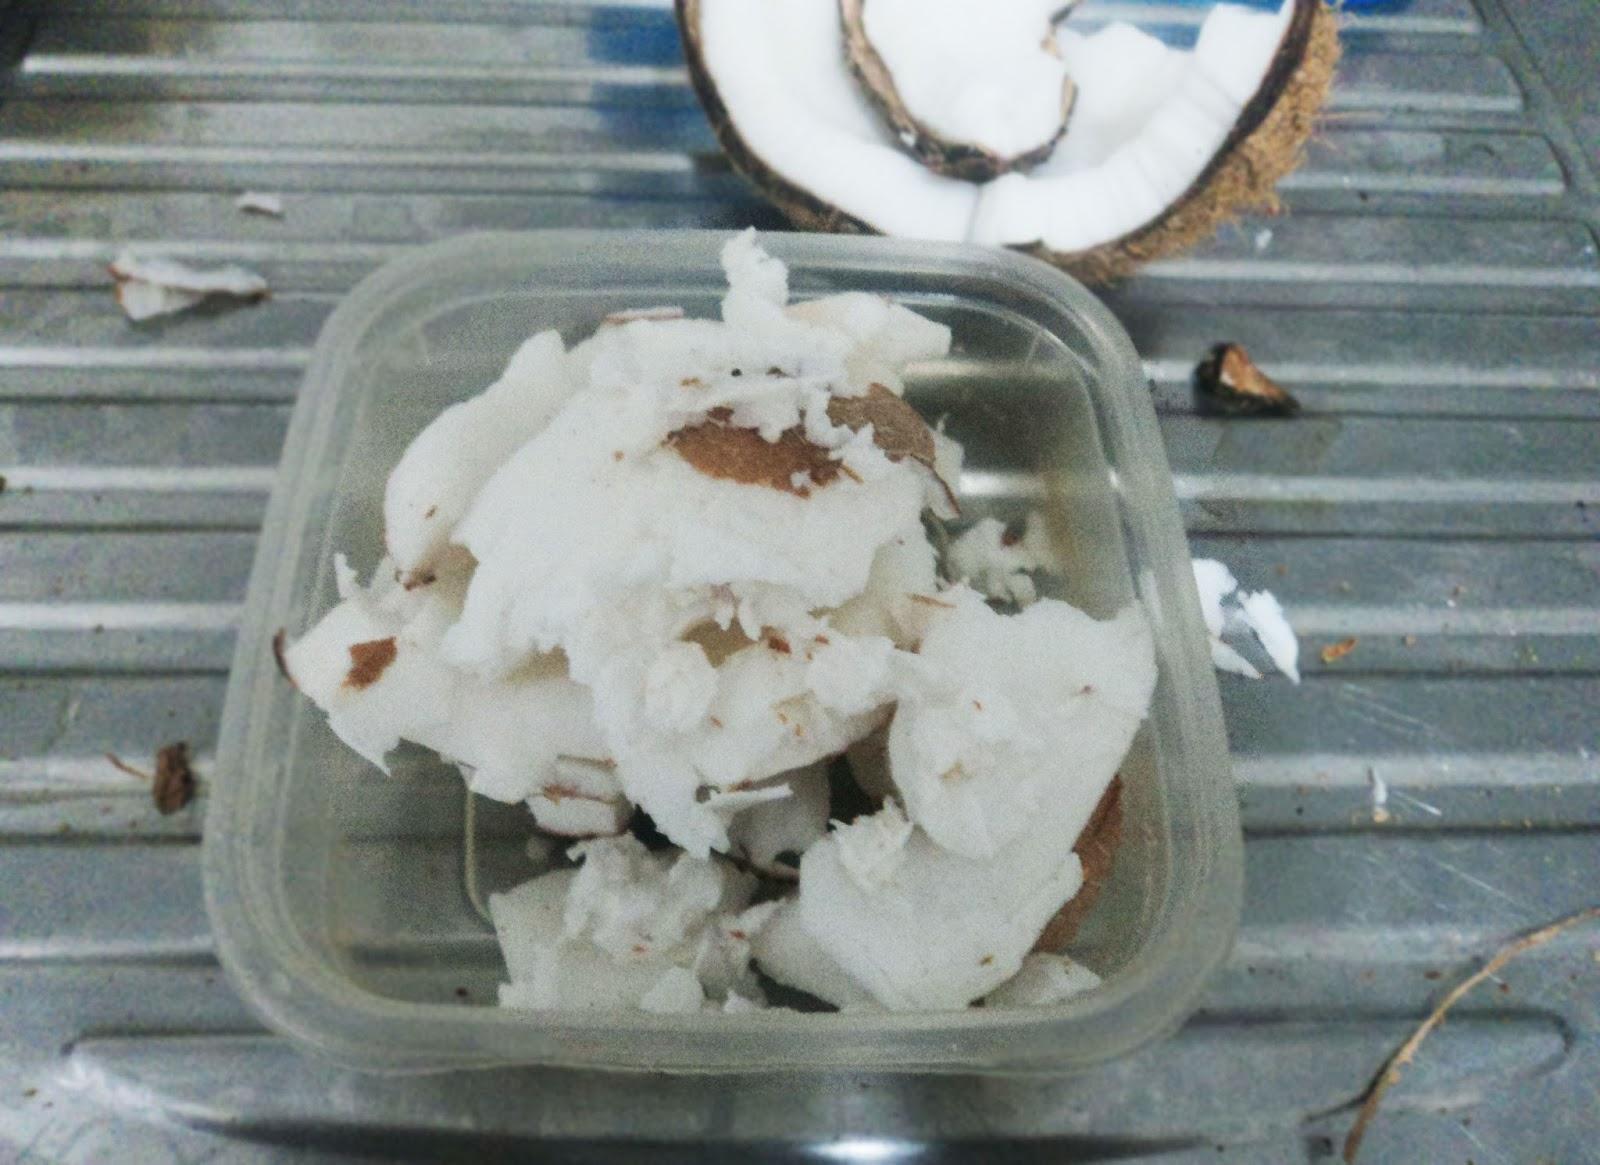 óleo de coco caseiro descascar